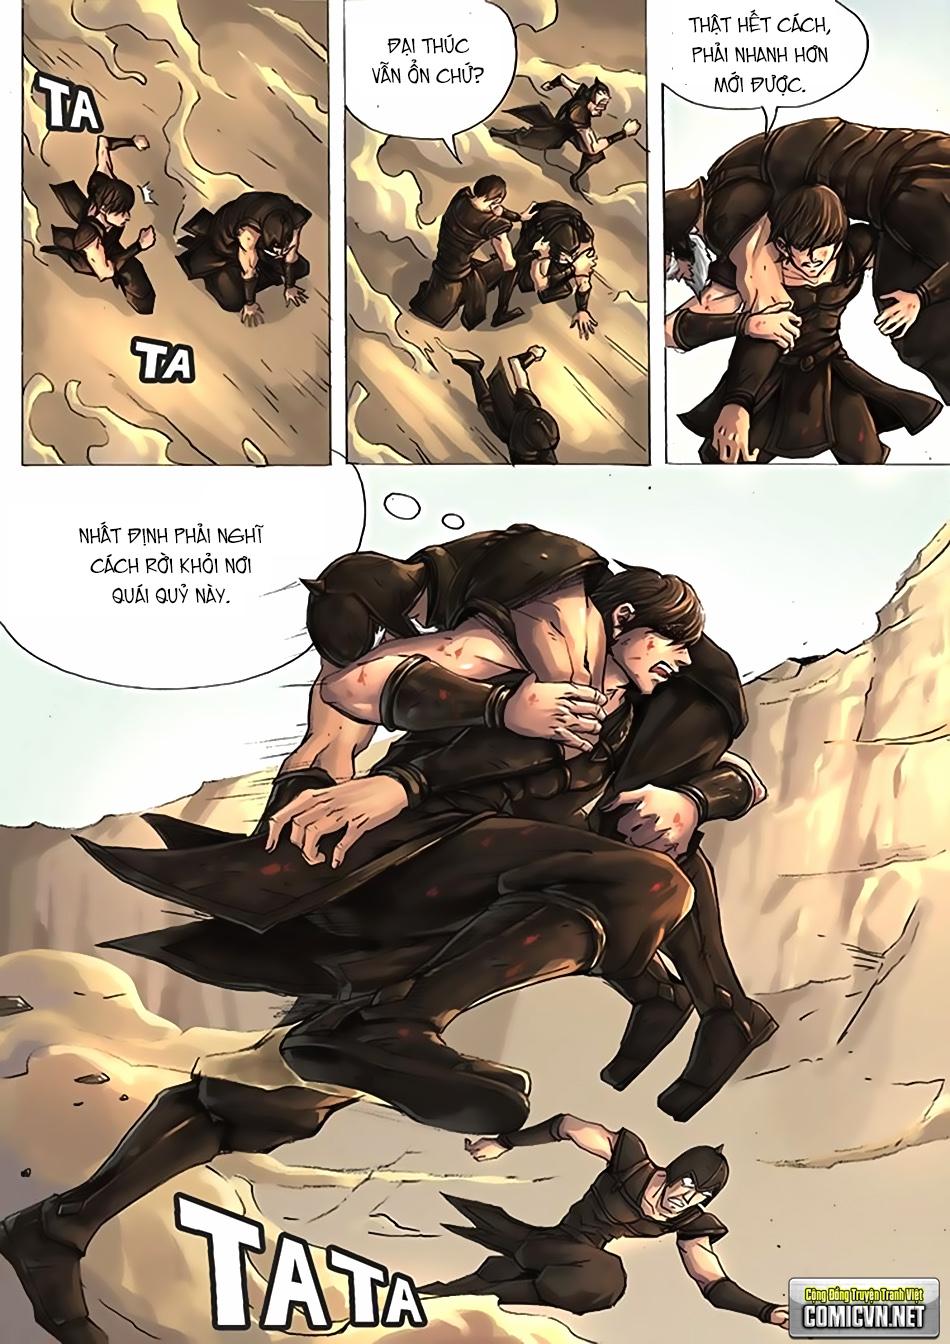 Đường Dần tại Dị Giới trang 12